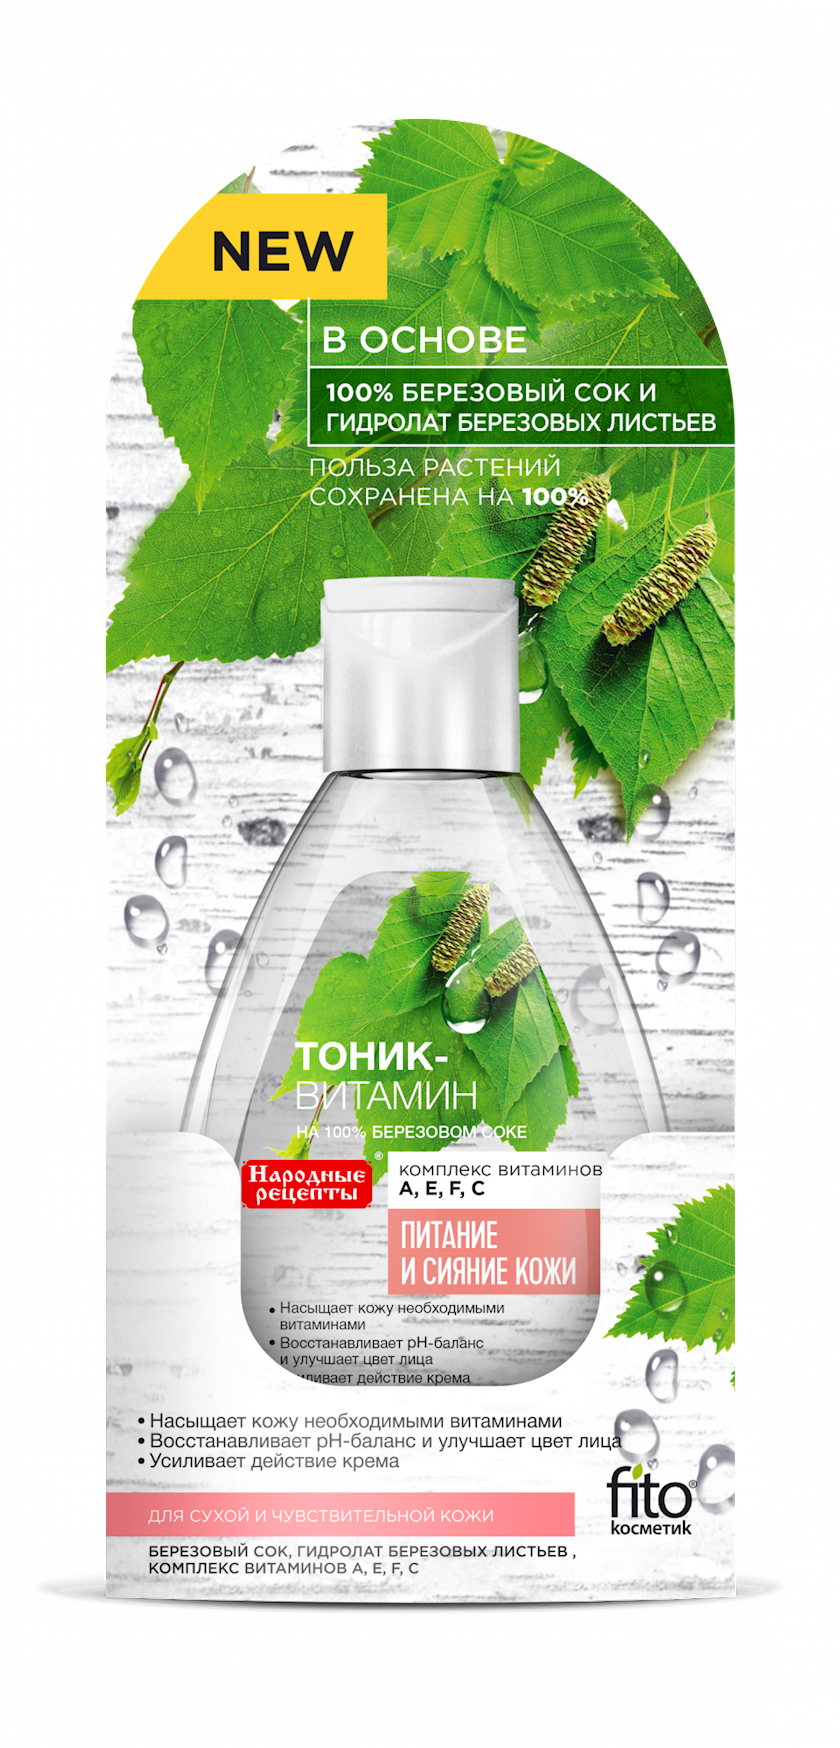 Üz üçün vitamin tonik Фитокосметик Нuş Ağacın Şırəsi 165 ml